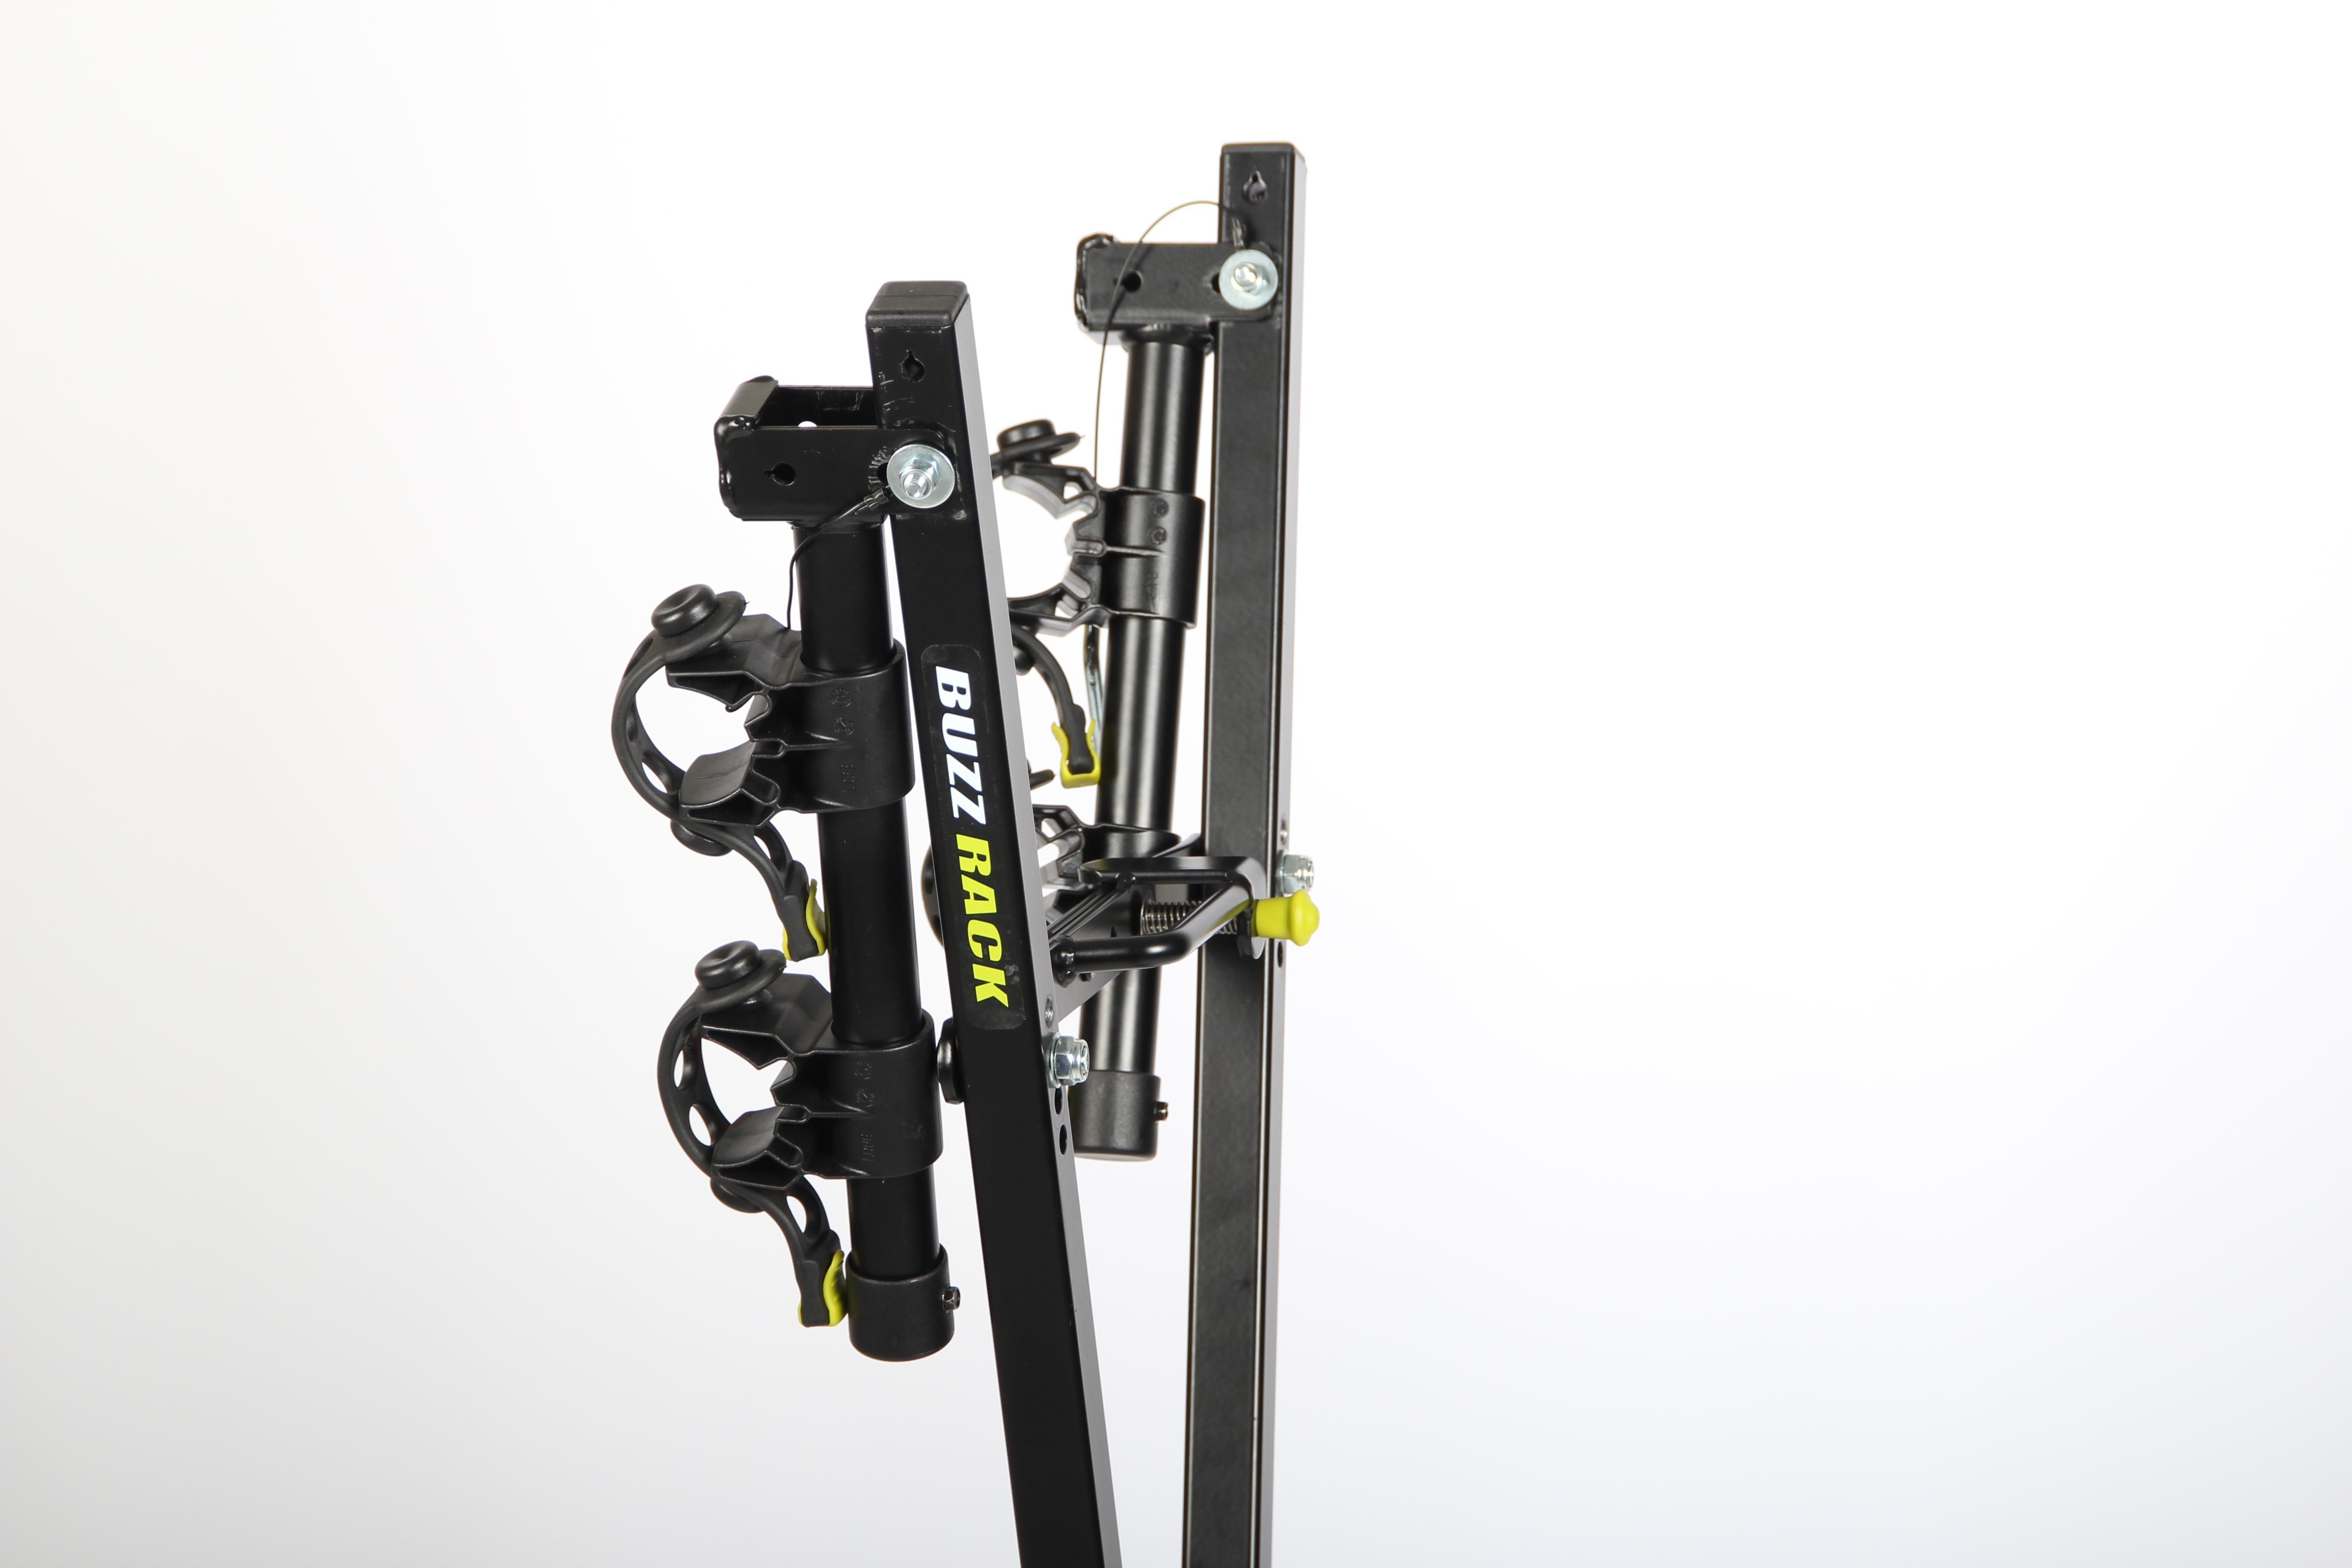 1002 Porta-bicicleta traseira BUZZ RACK - Experiência a preços com desconto